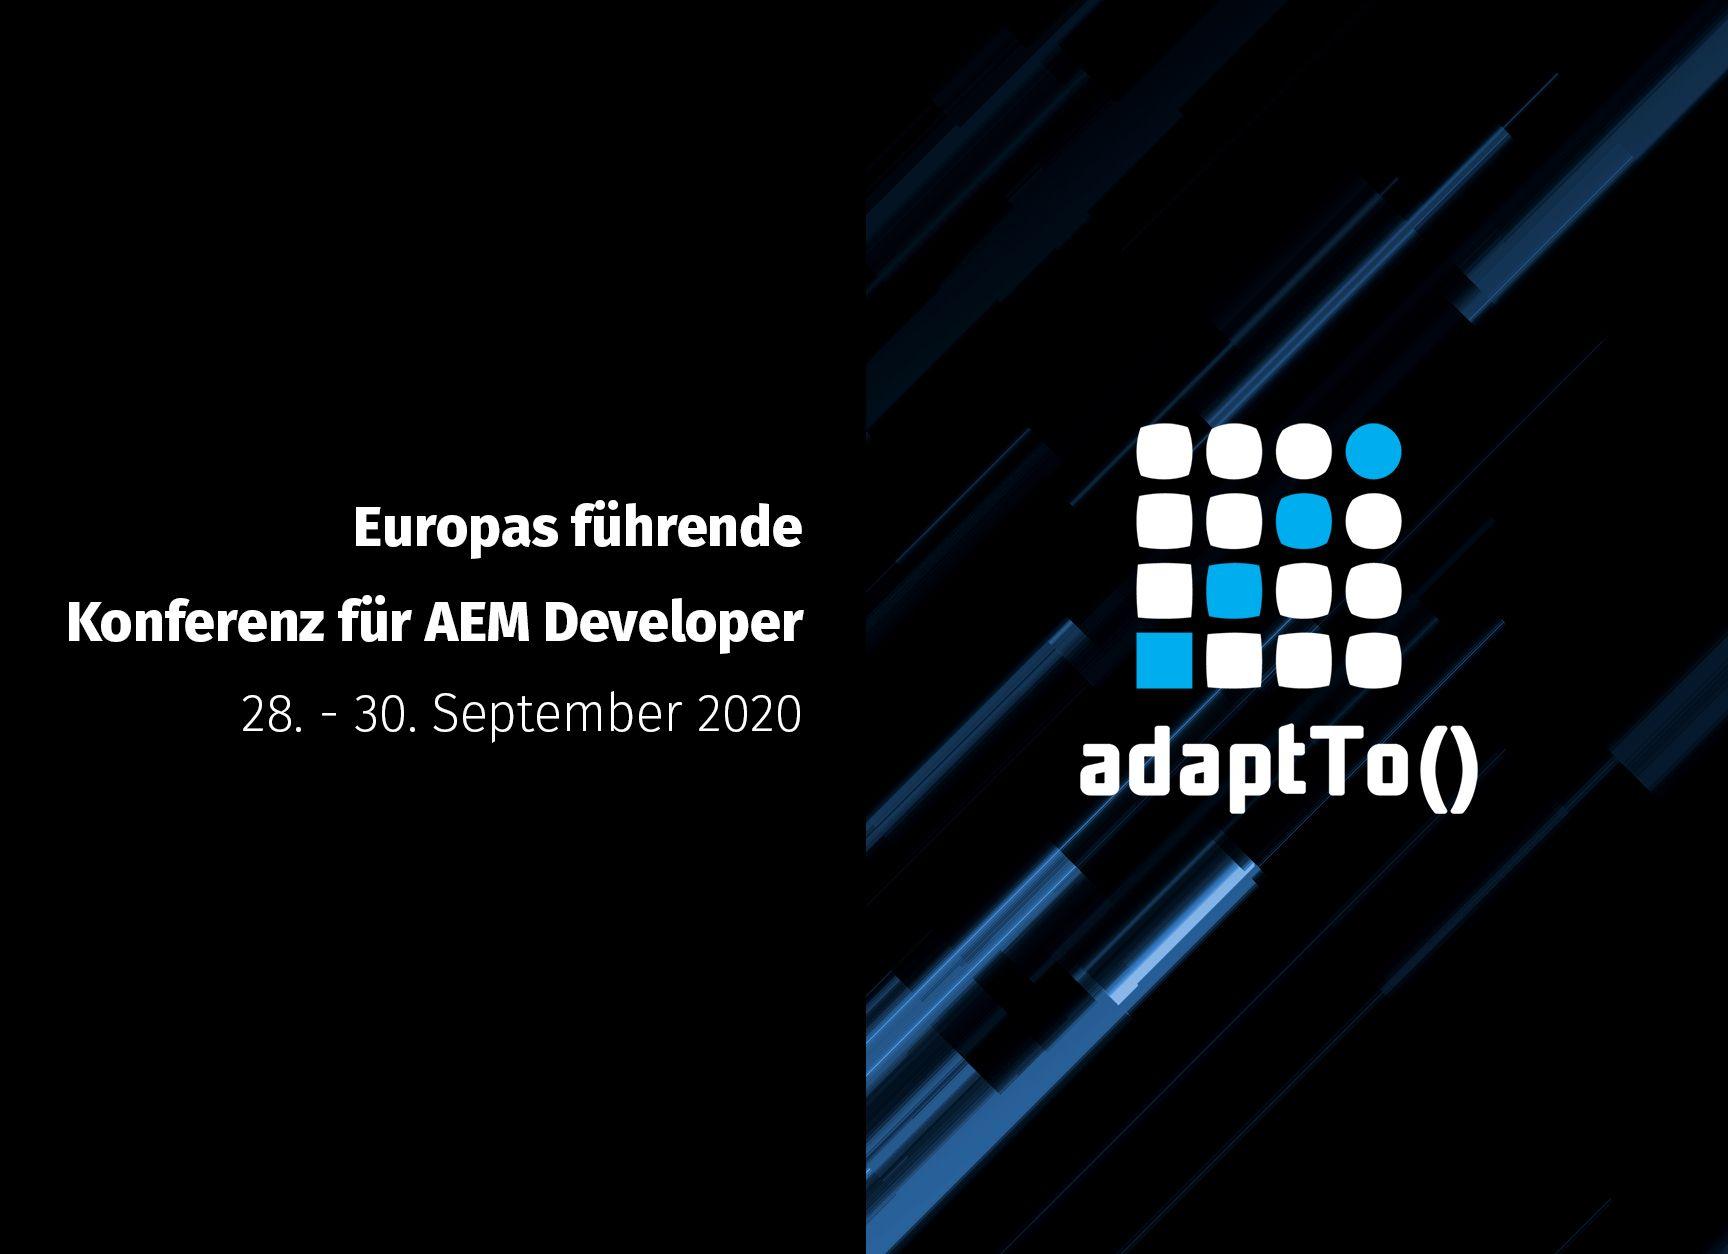 Europas führende AEM-Entwicklerkonferenz adaptTo() 2020